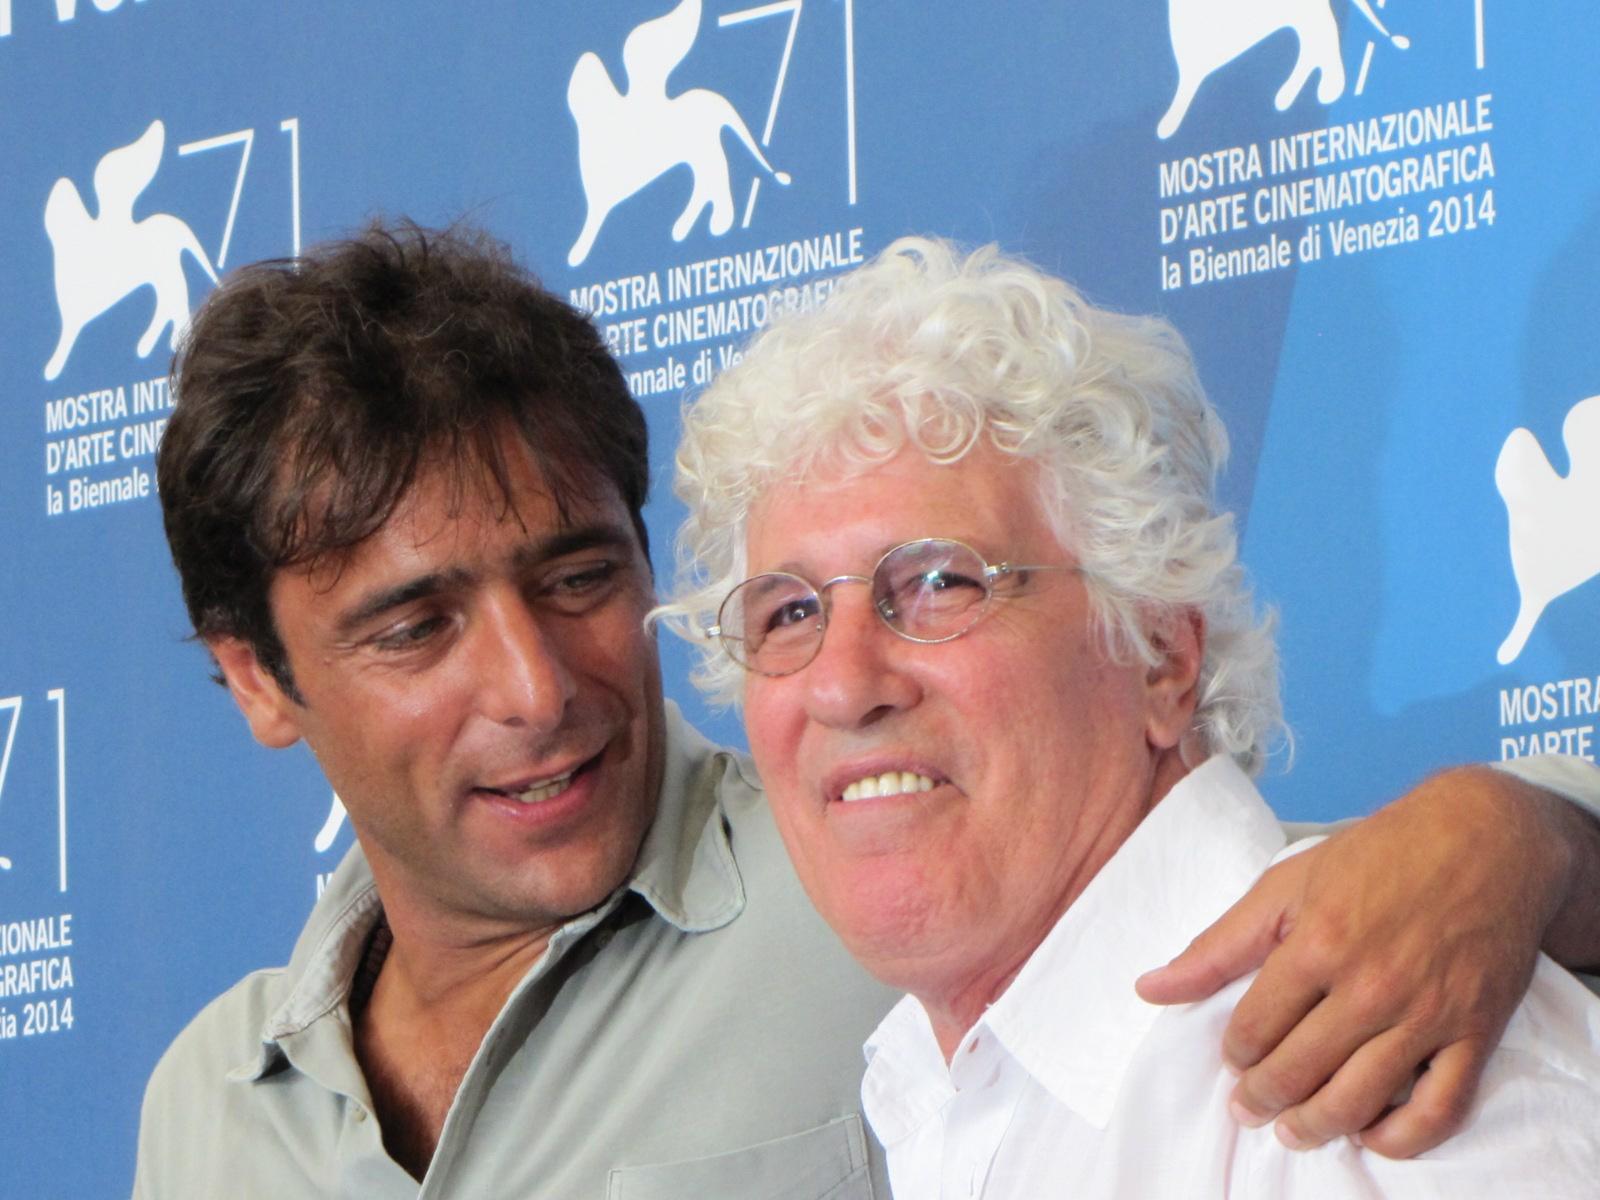 Senza nessuna pietà a Venezia 2014 -  Ninetto Davoli con Adriano Giannini